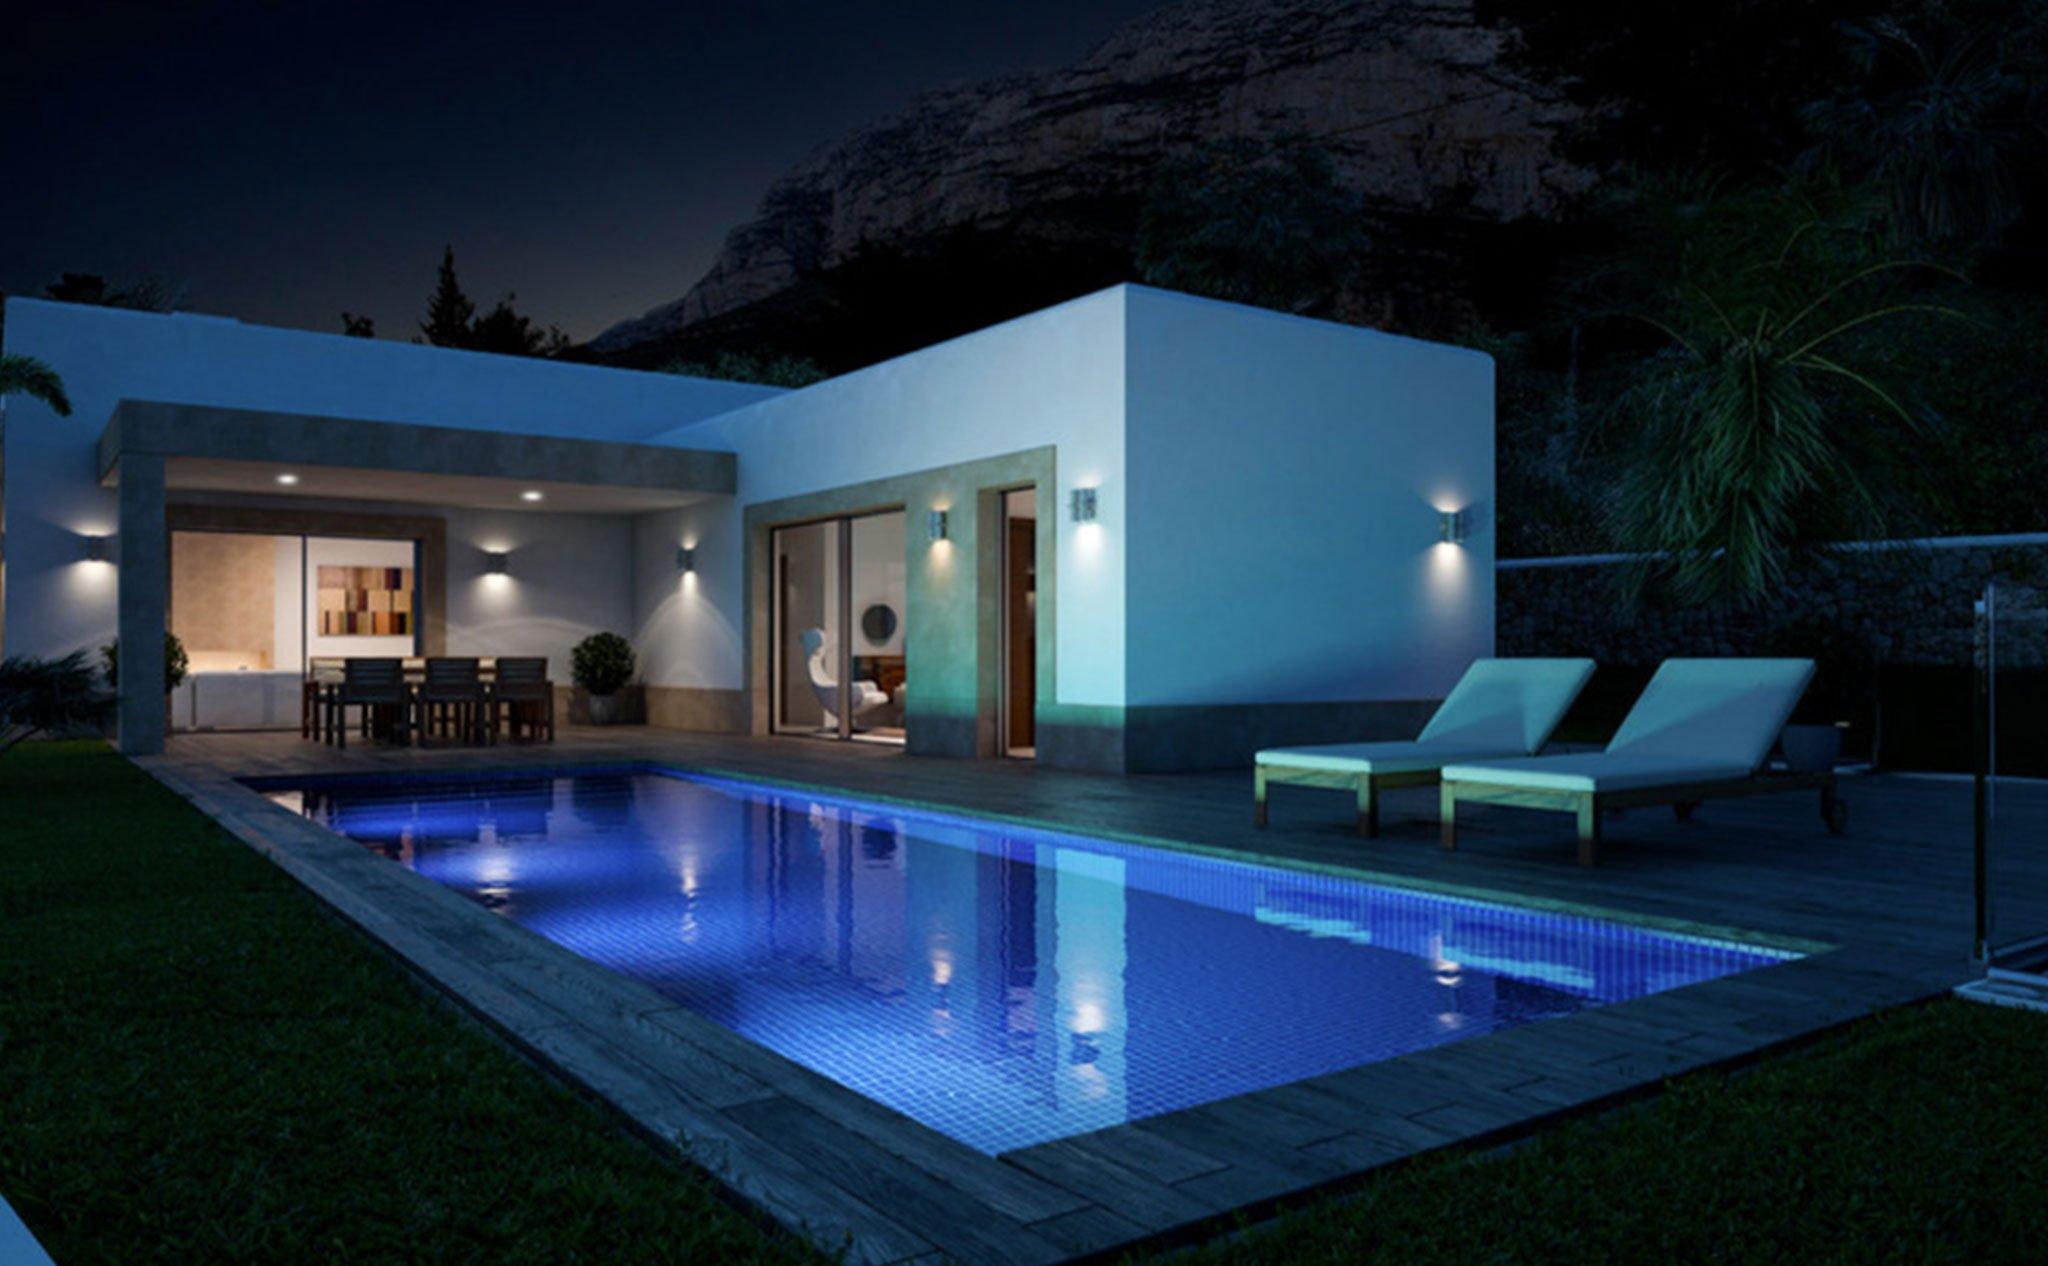 Vista nocturna de una vivienda diseñada por Lucas Graf Projects, 'Casa Diana'